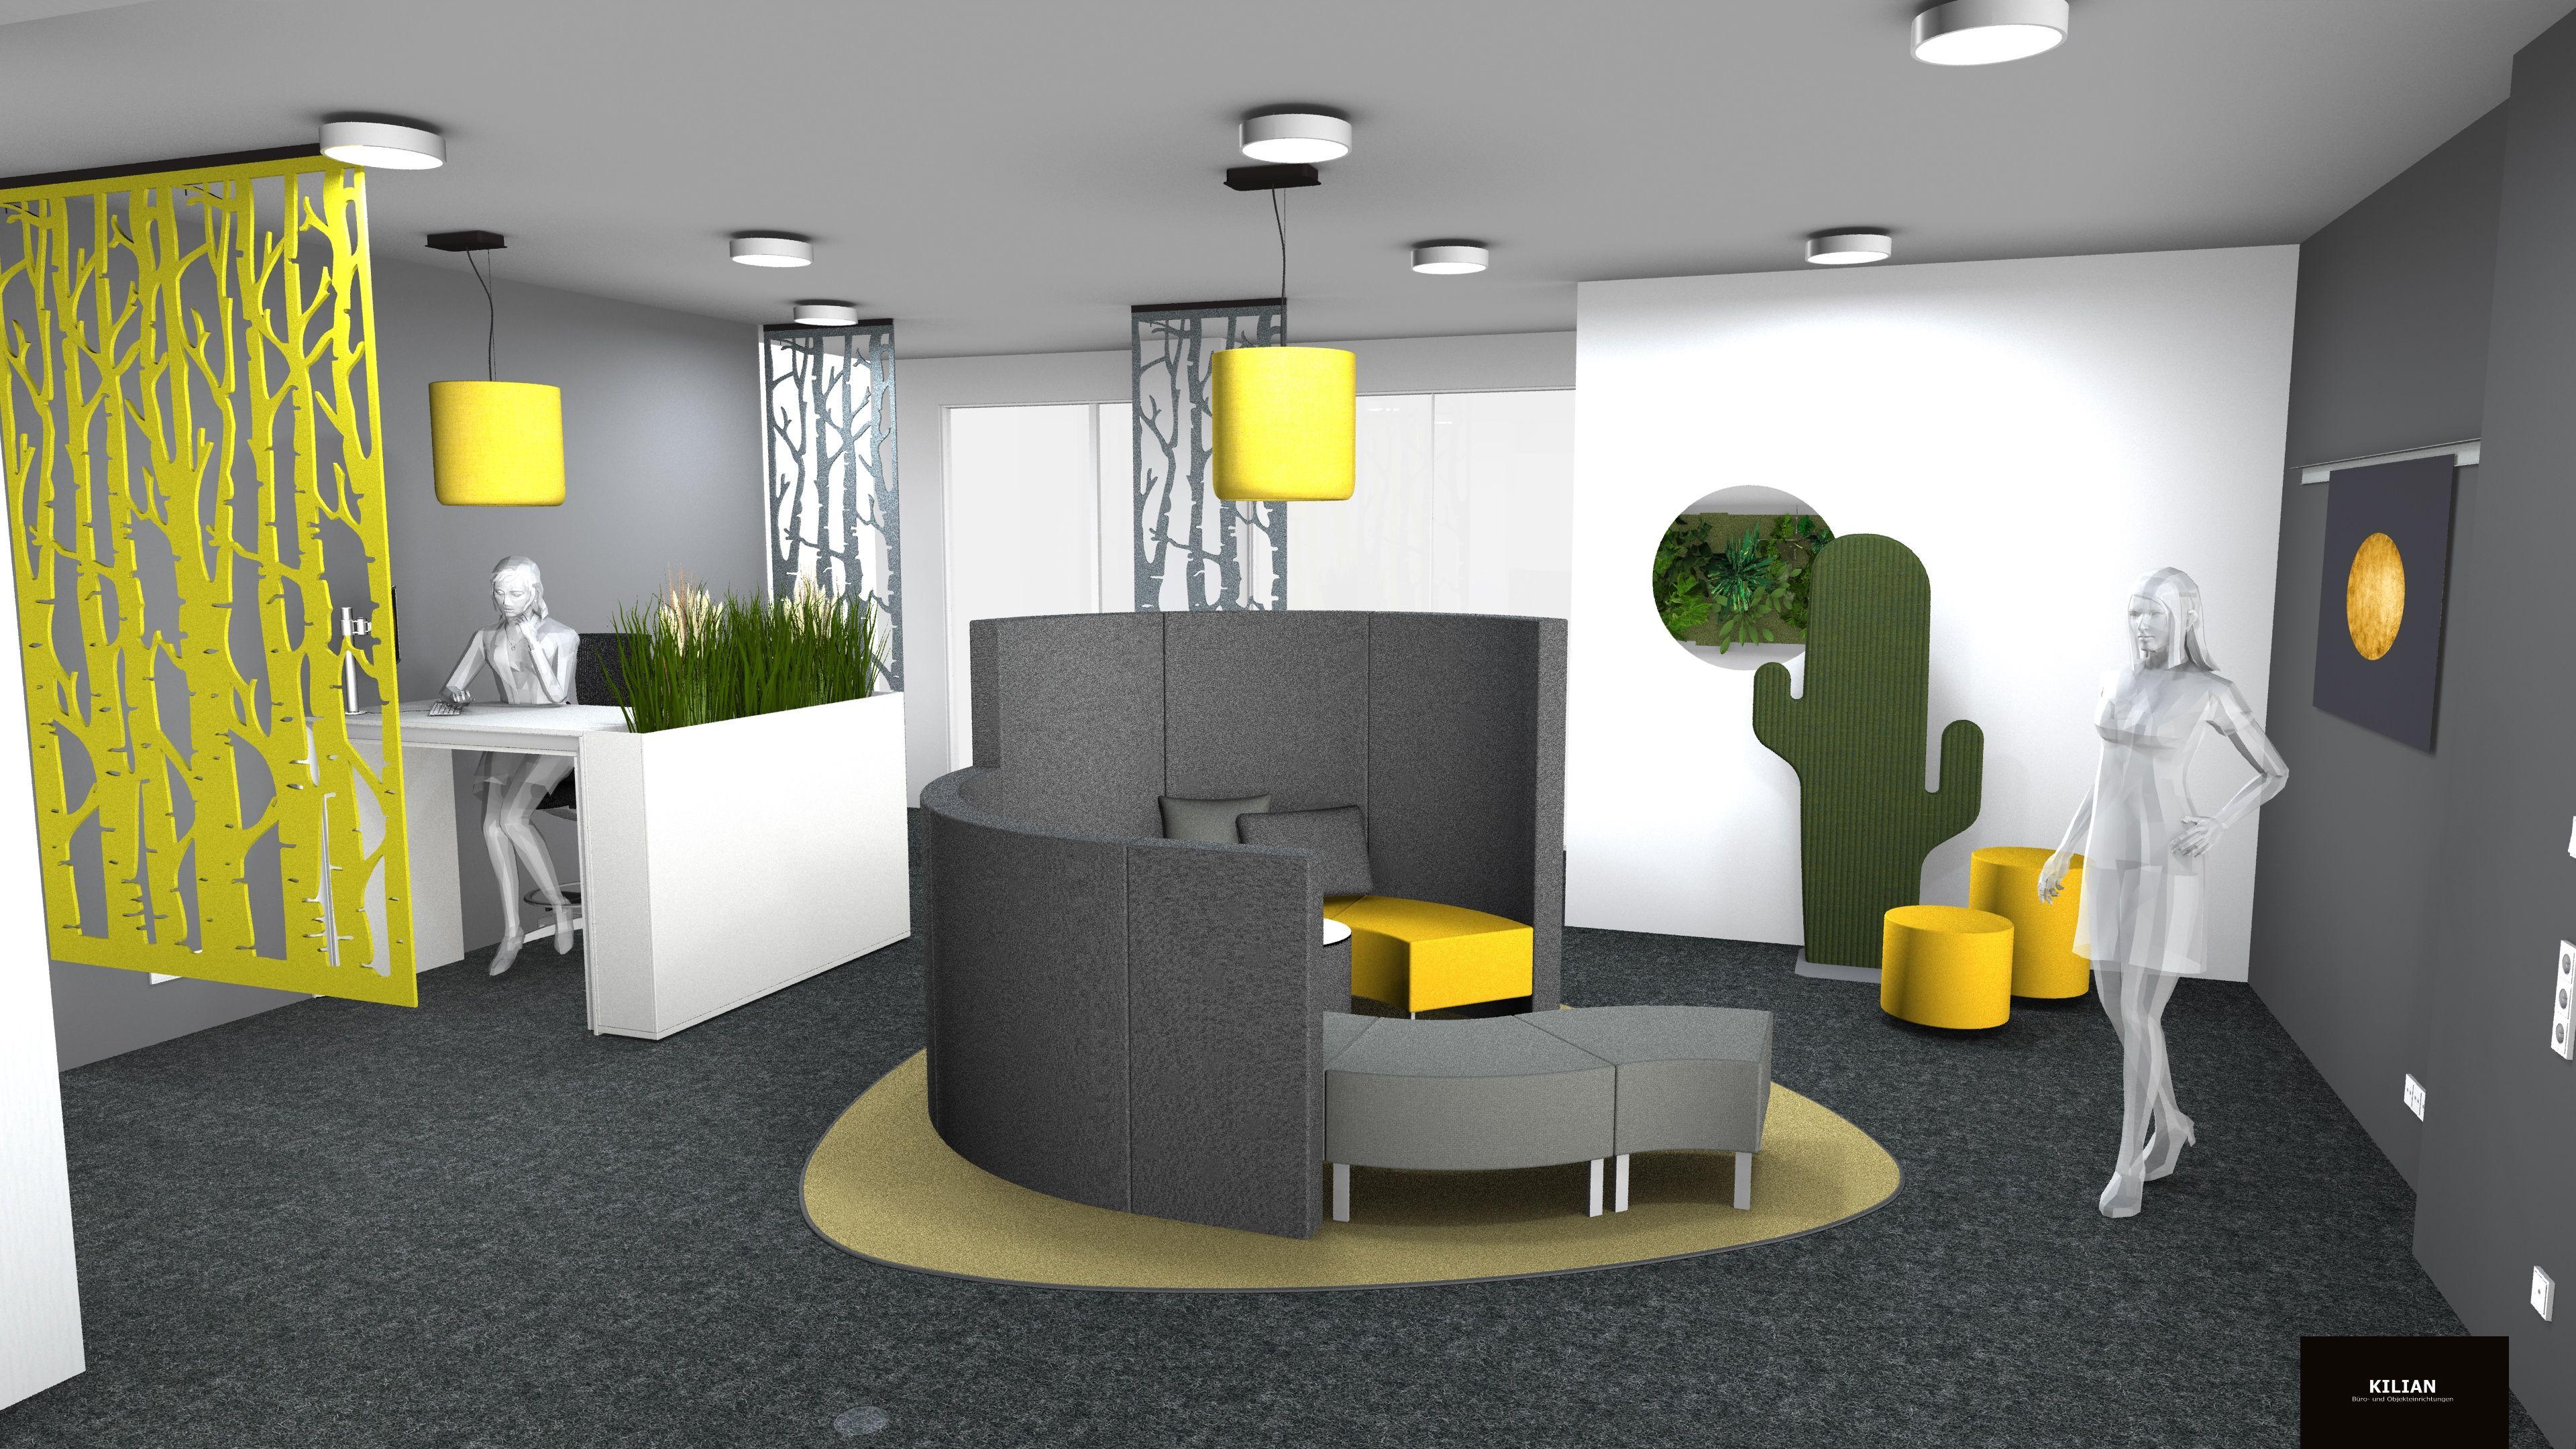 Planung Büroloungegruppe Empfangsbereich Büroplanung Meeting Point